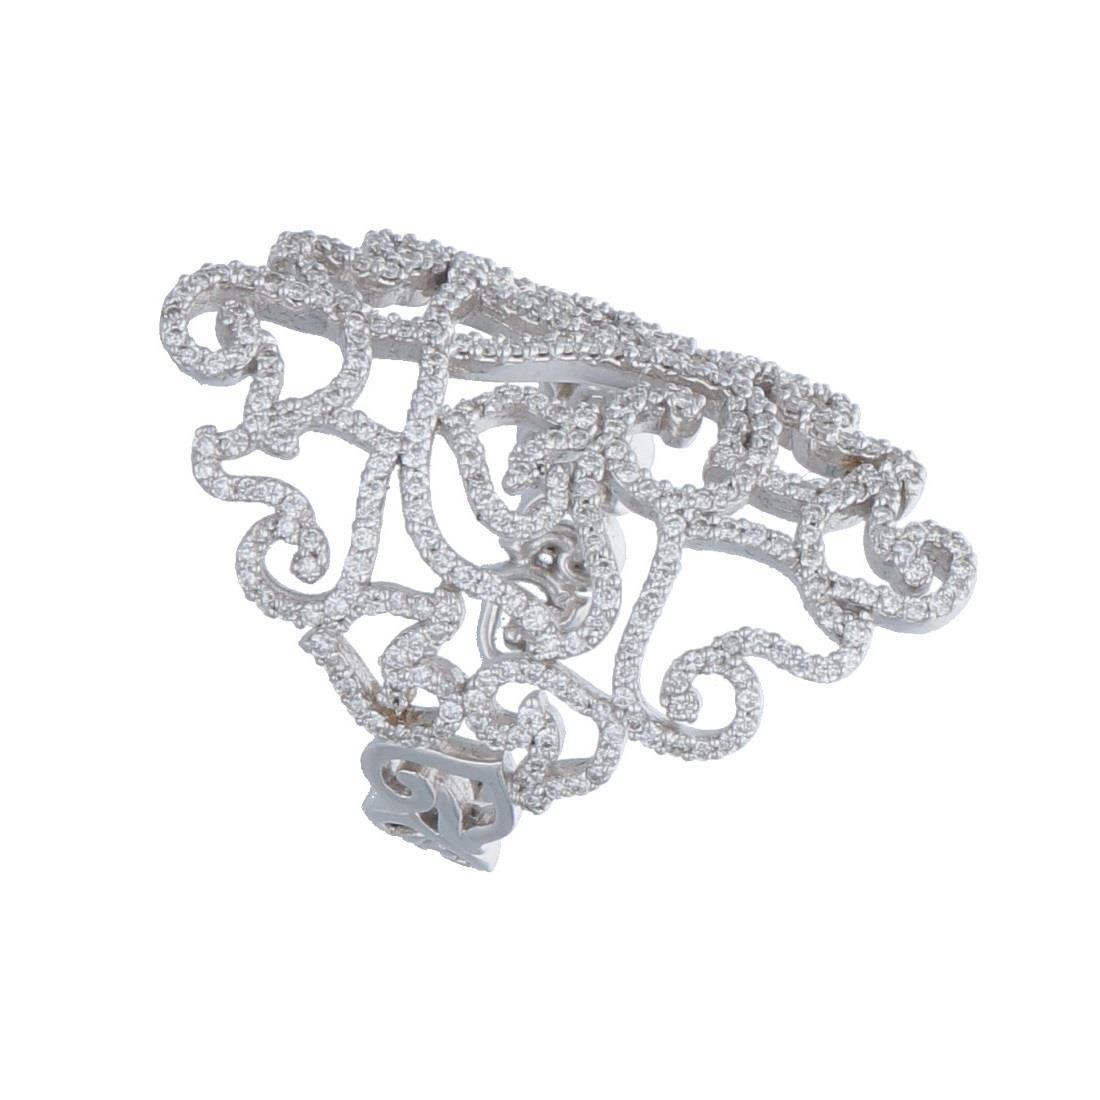 Anello in oro bianco e diamanti 1.02 ct - CHANTECLER